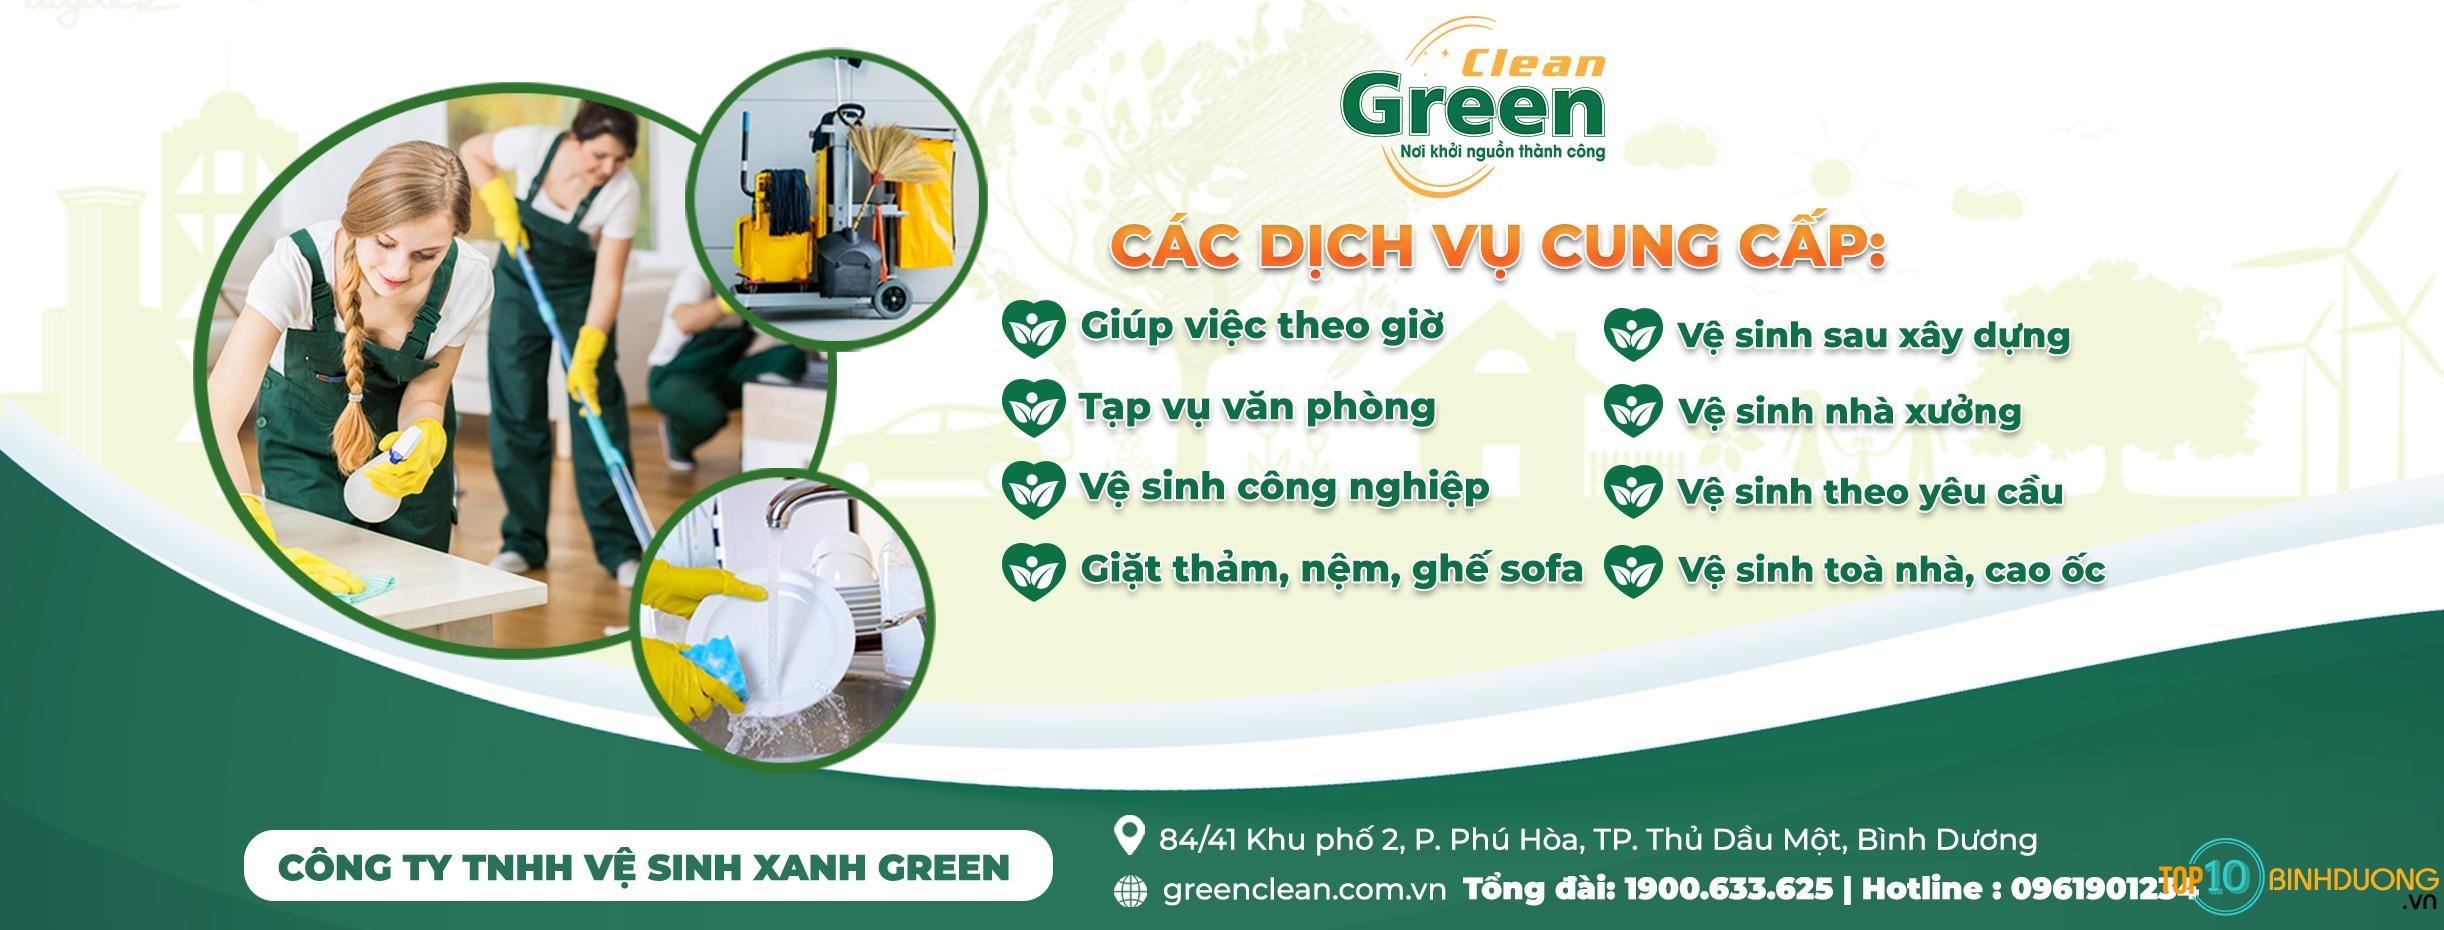 Công ty TNHH Vệ Sinh Xanh Green - TOP 10 Bình Dương